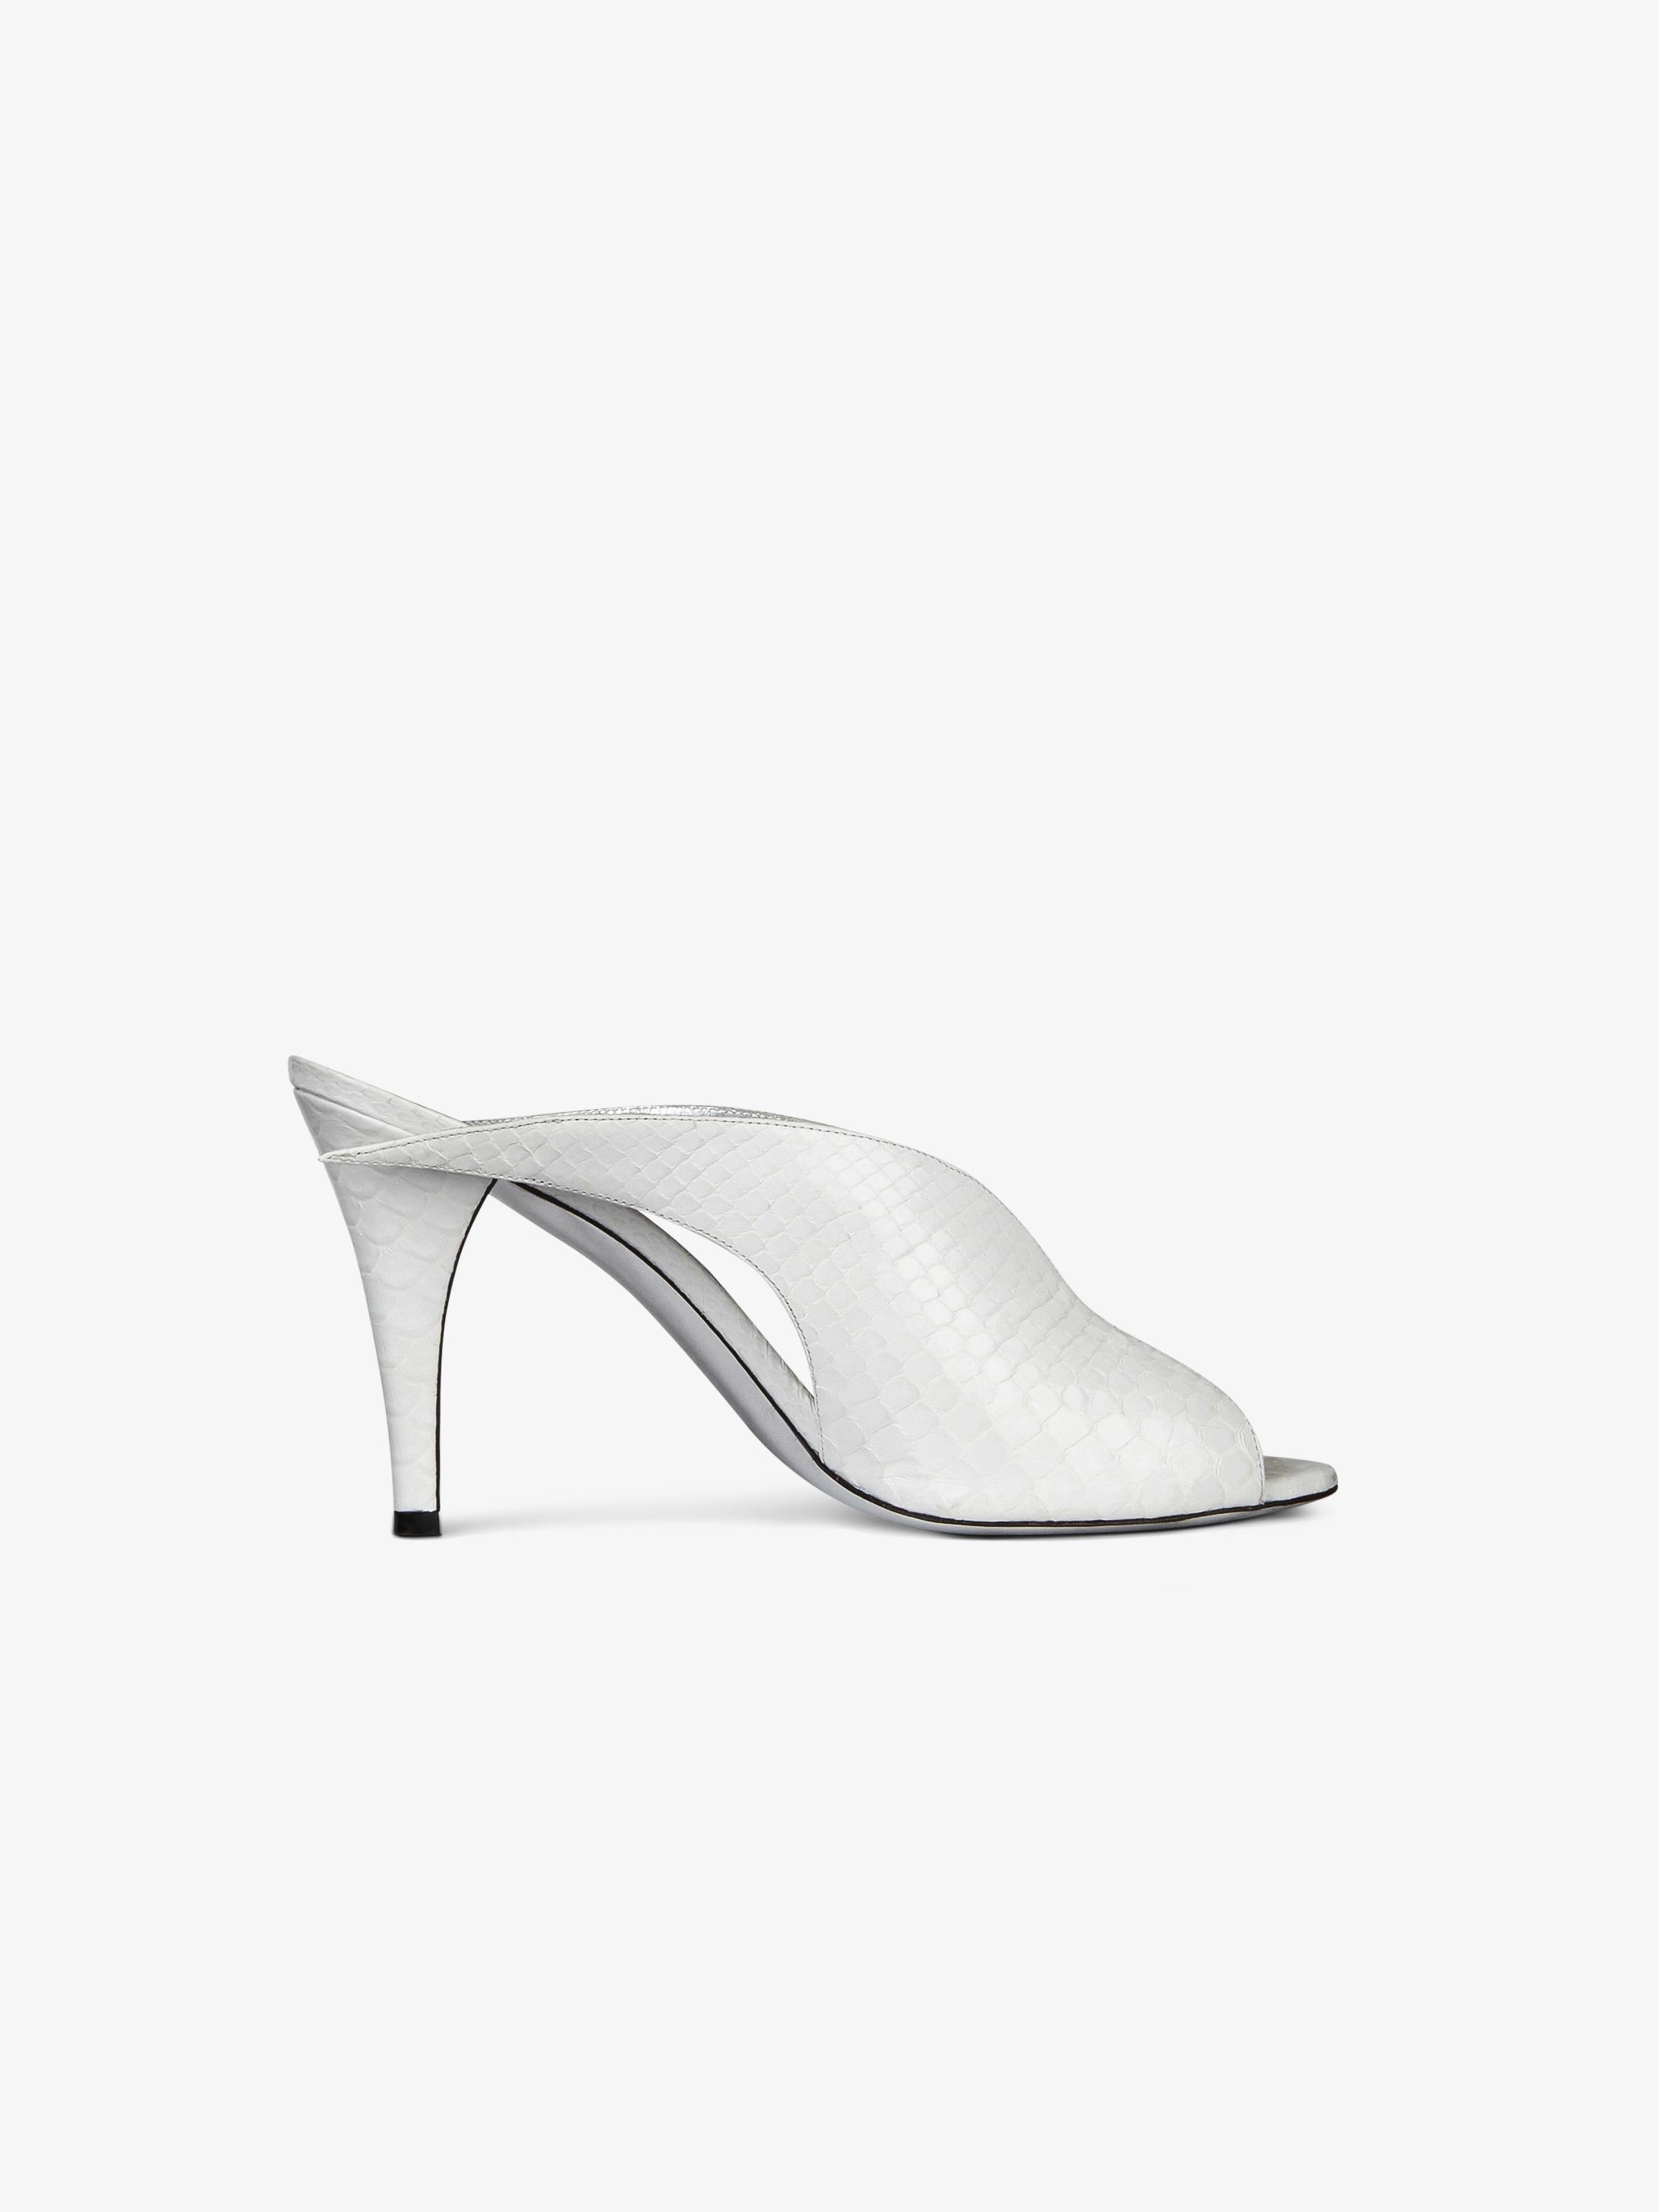 蟒蛇皮凉鞋